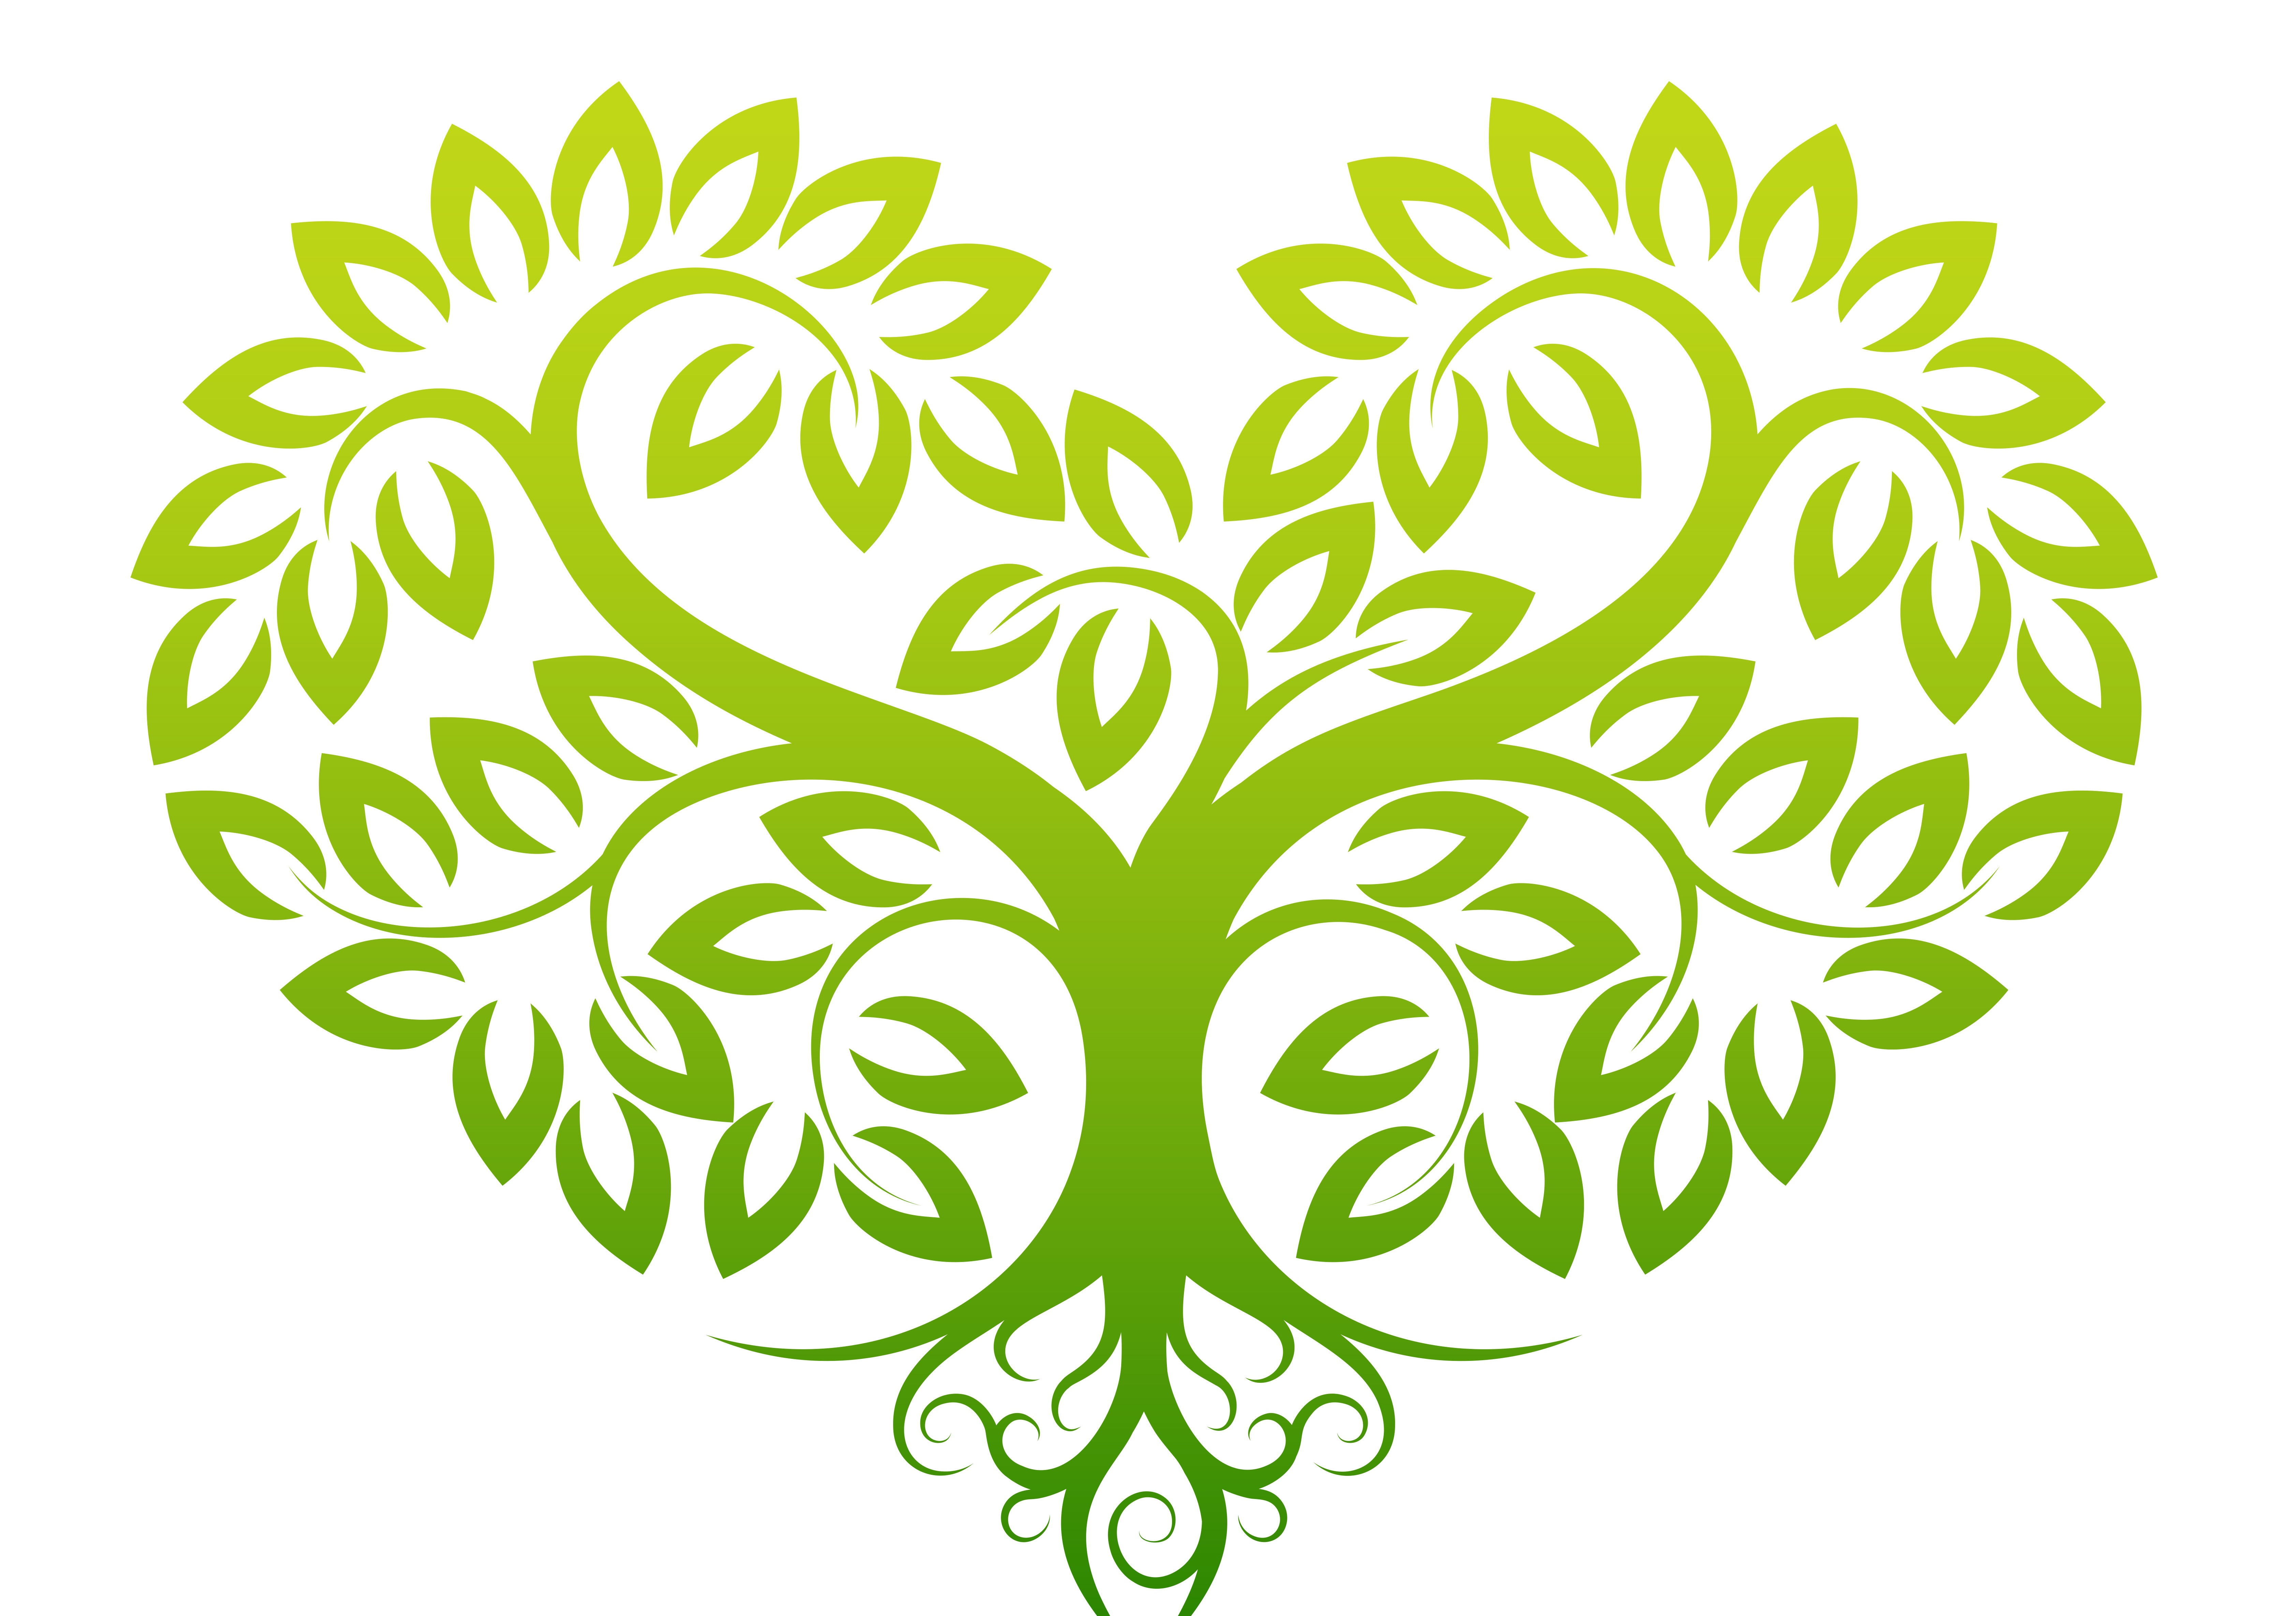 tree_heart_ohne_text